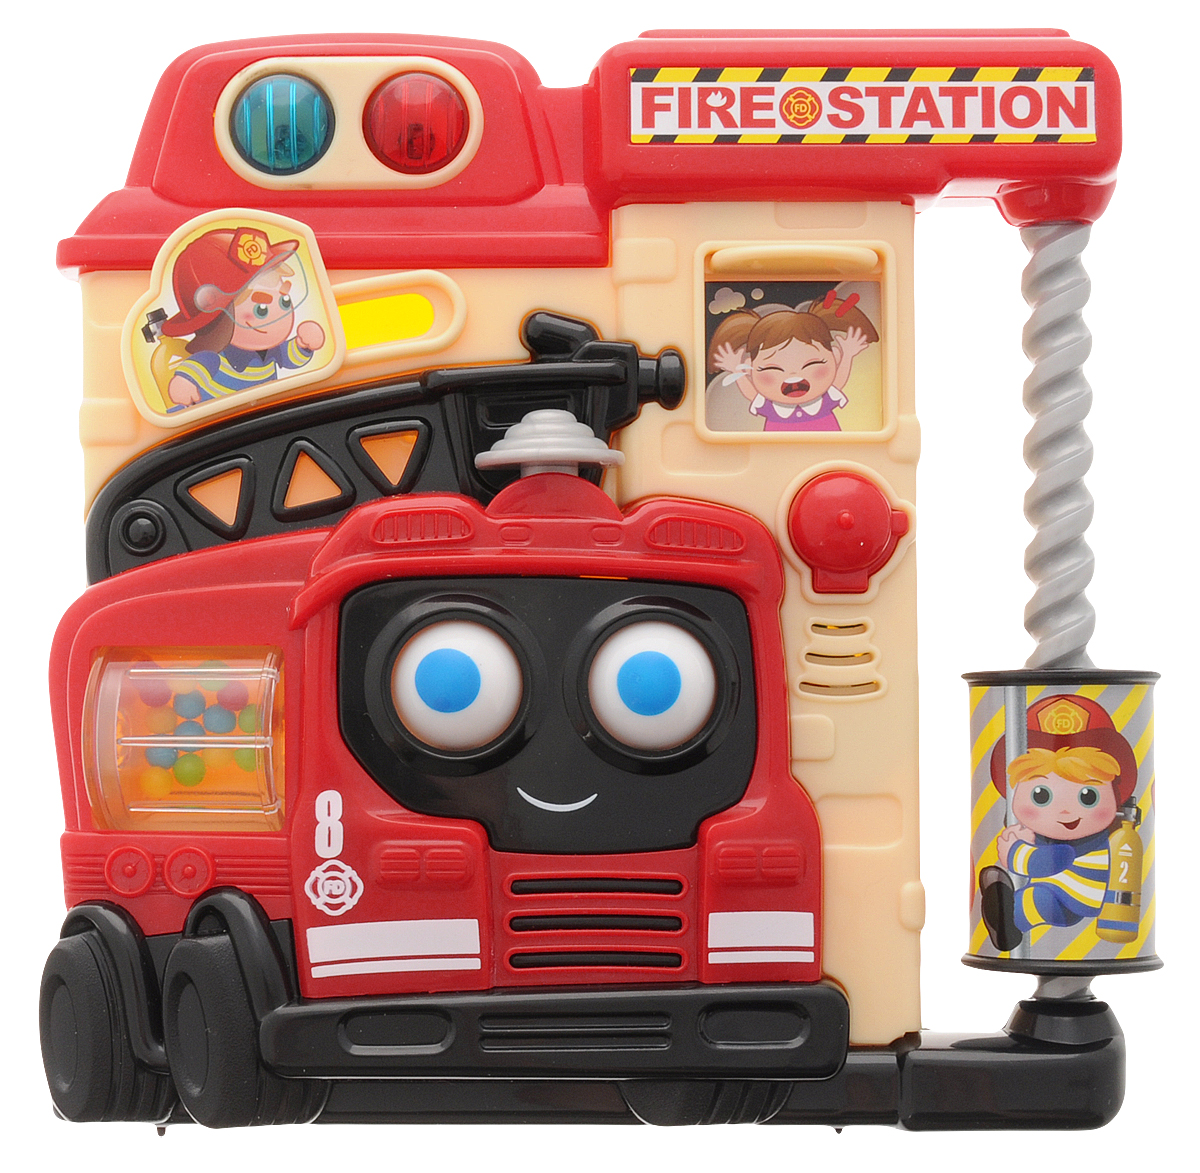 Playgo Развивающая игрушка Пожарная часть сортеры playgo развивающая игрушка самолет сортер